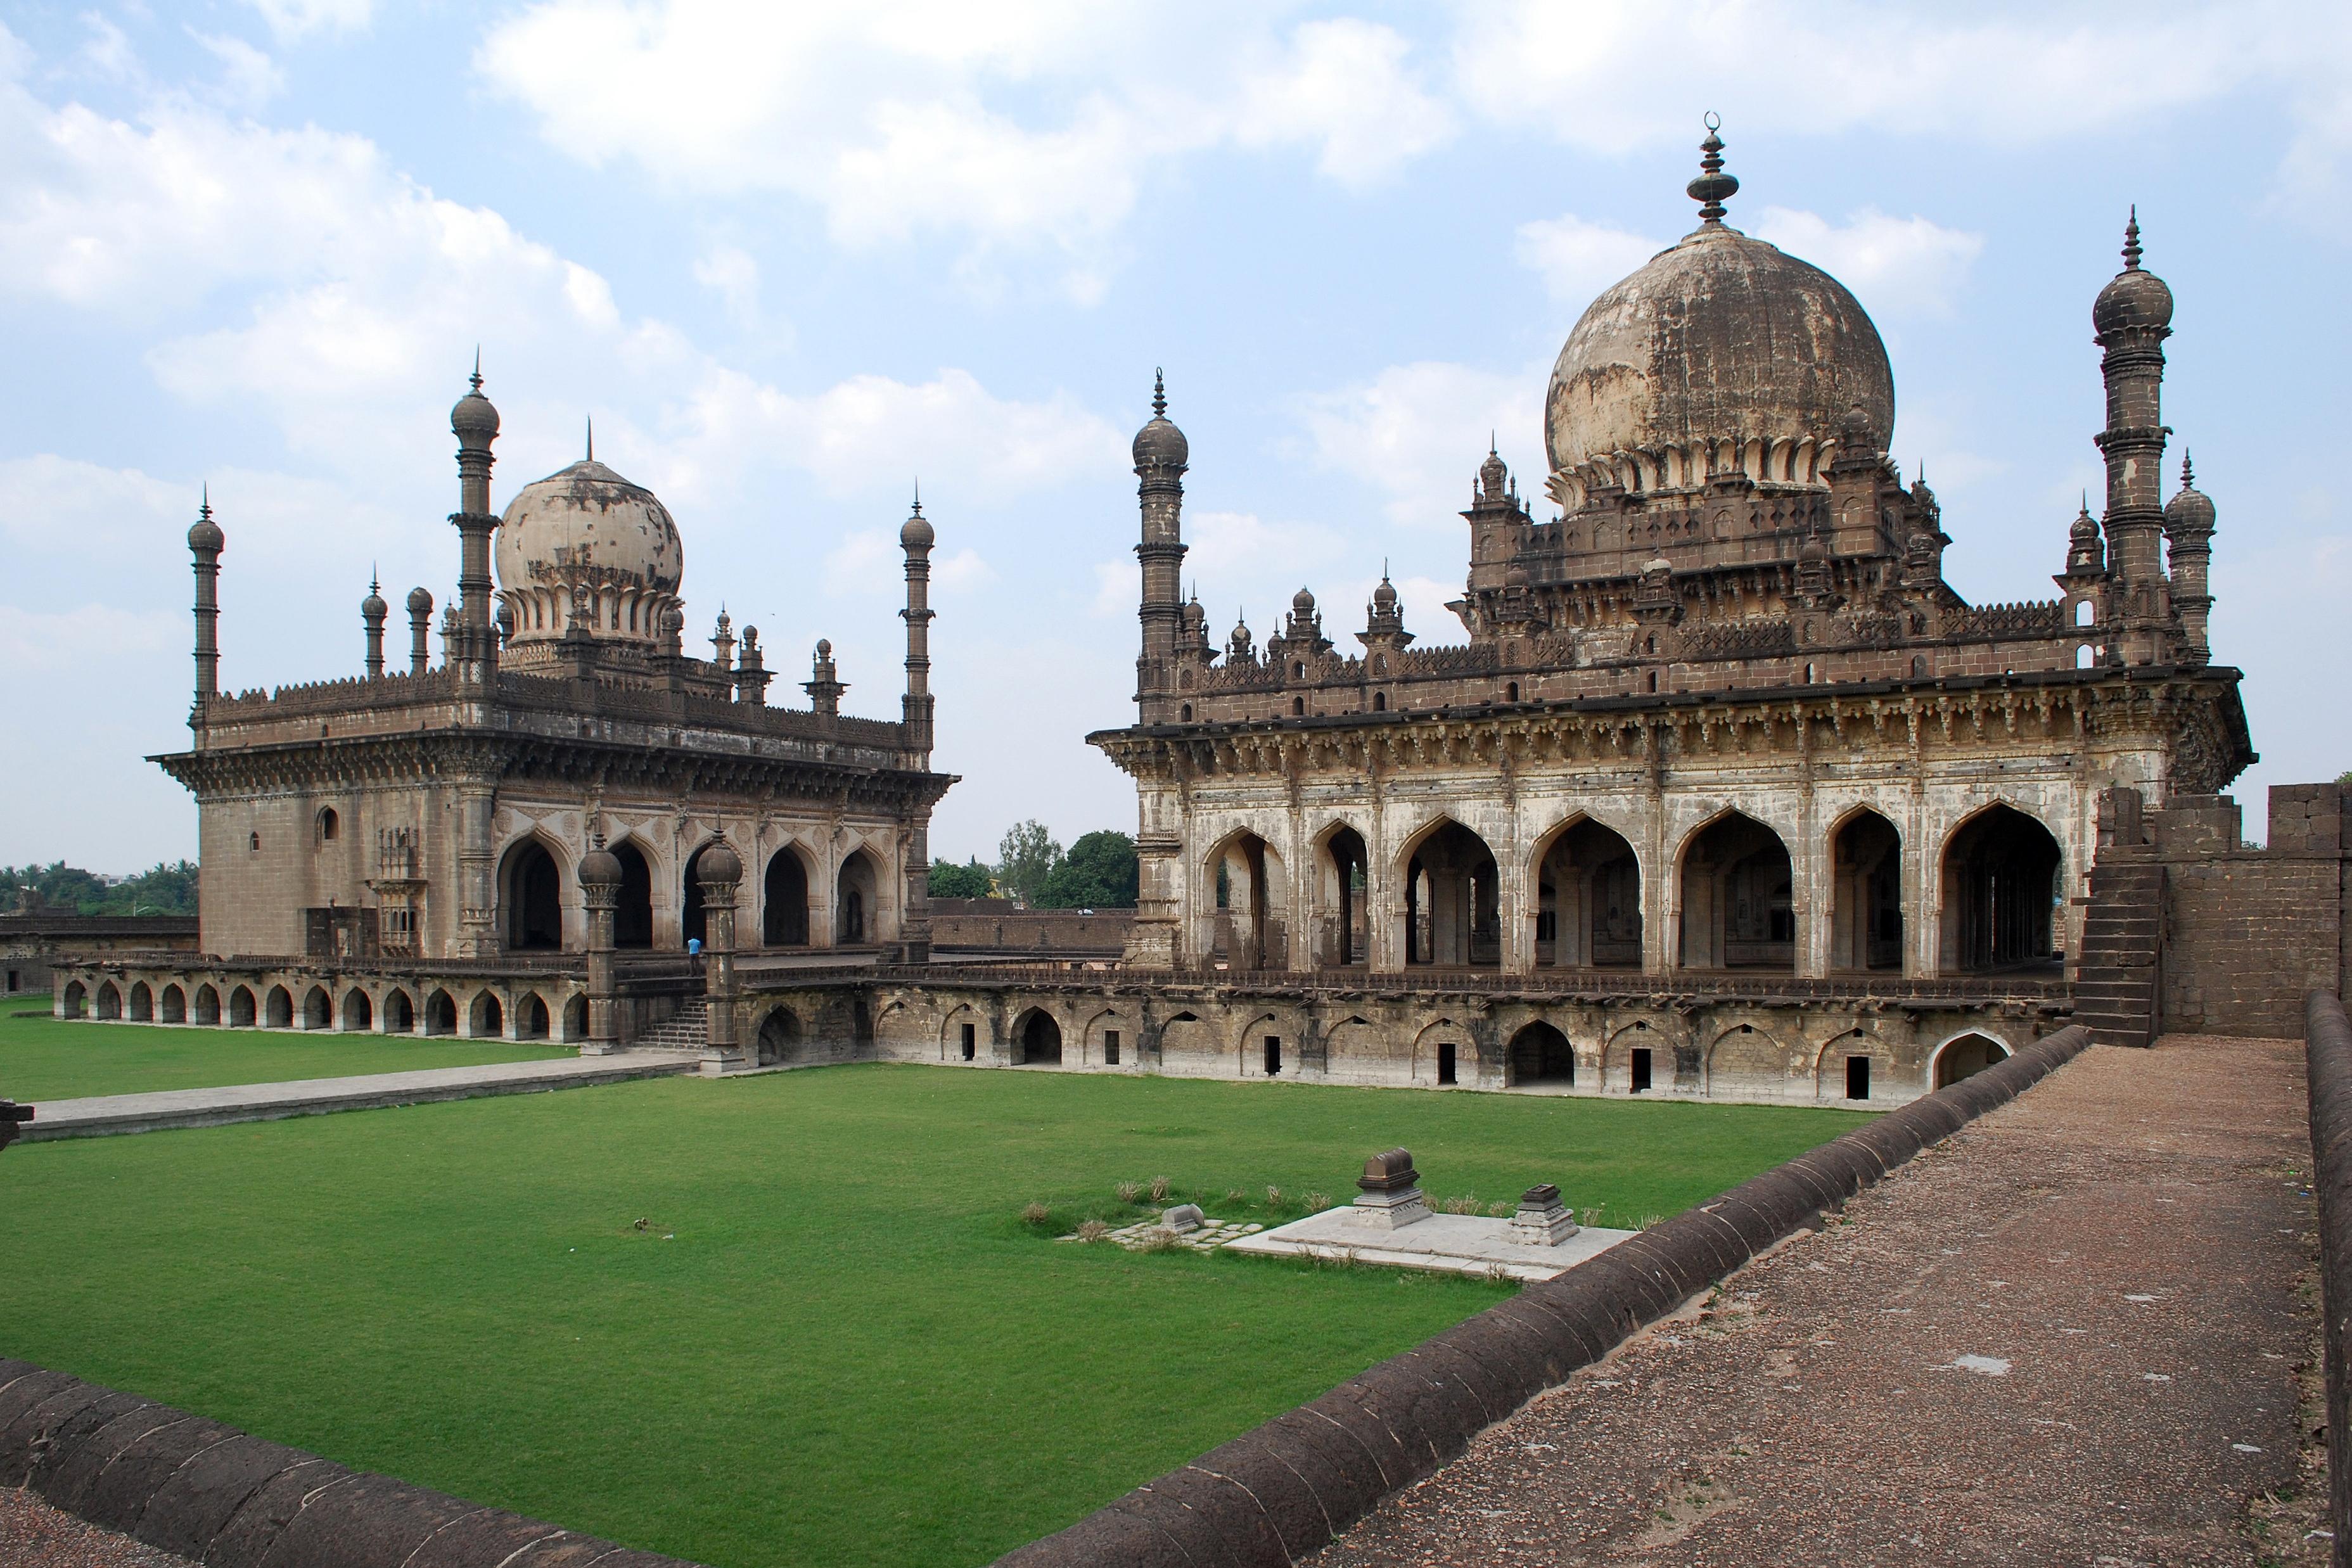 Bijapur Image